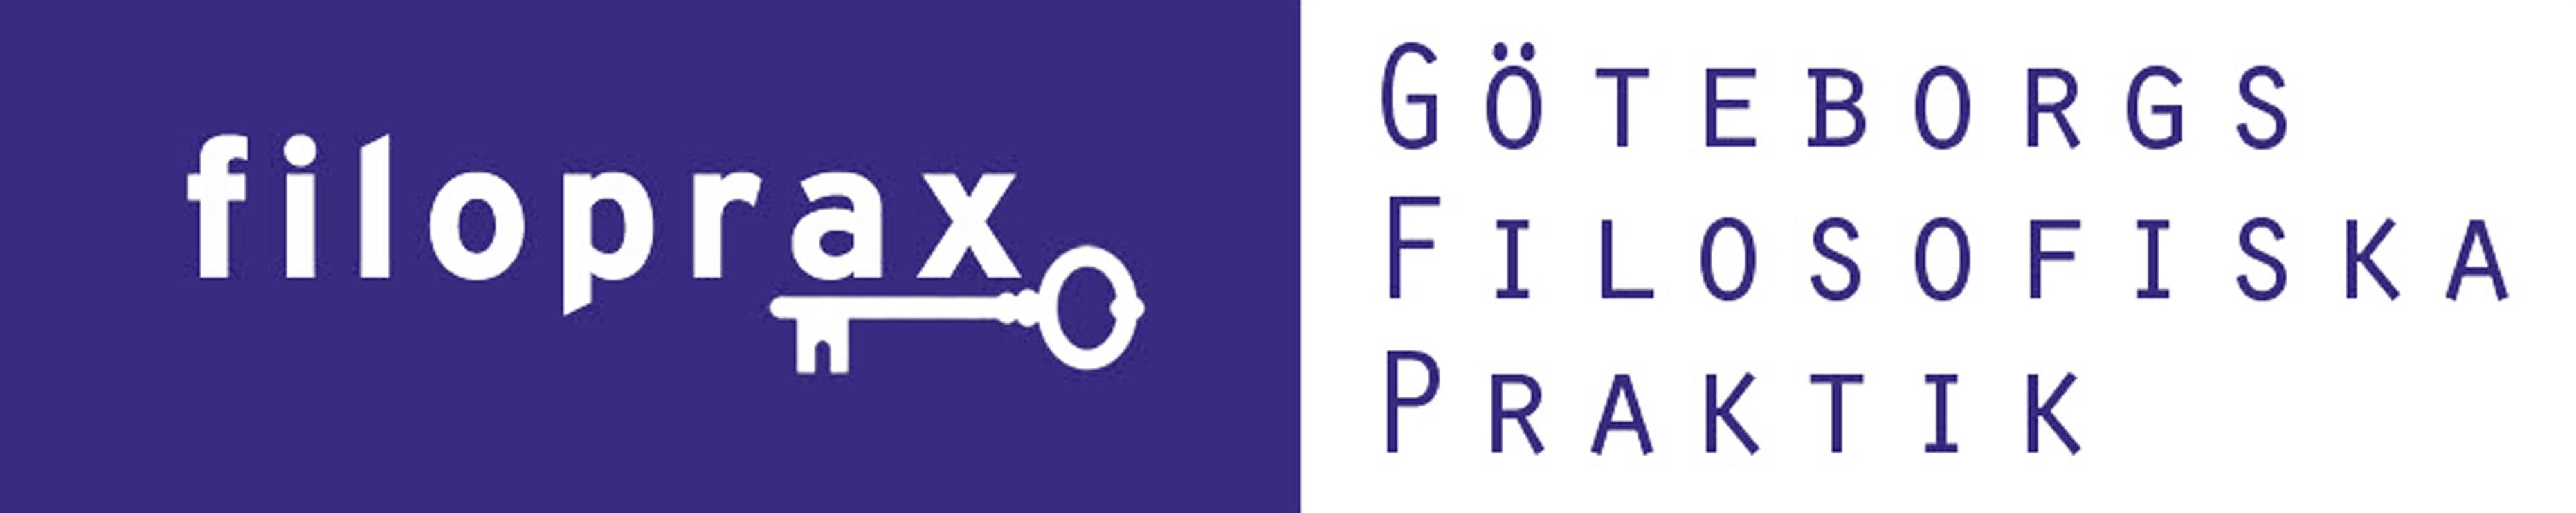 Filoprax Göteborgs Filosofiska Praktik